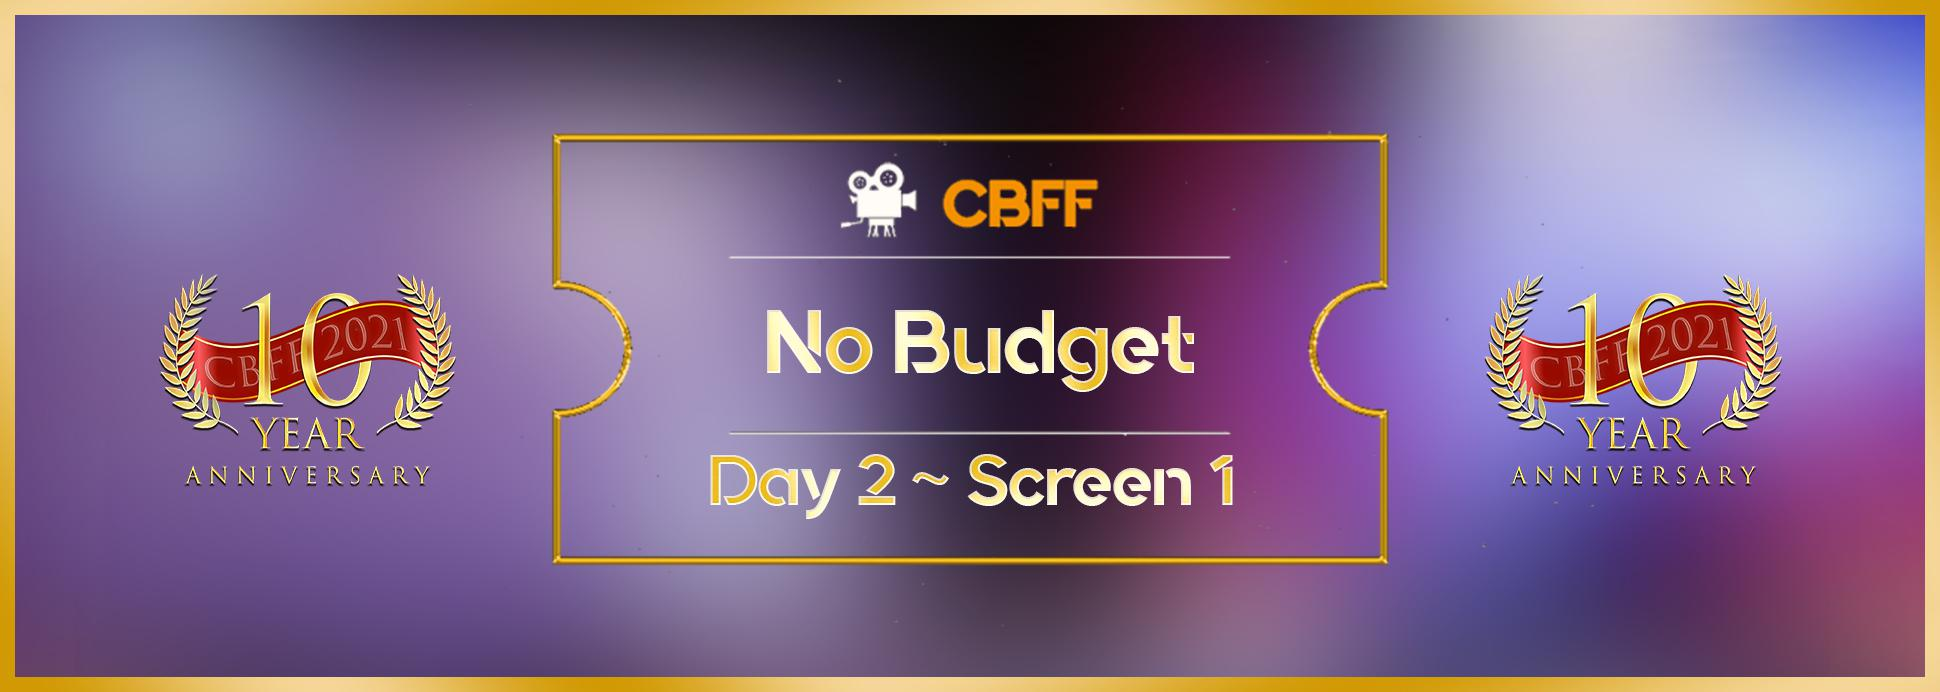 Day 2, Screen 1: No Budget shorts